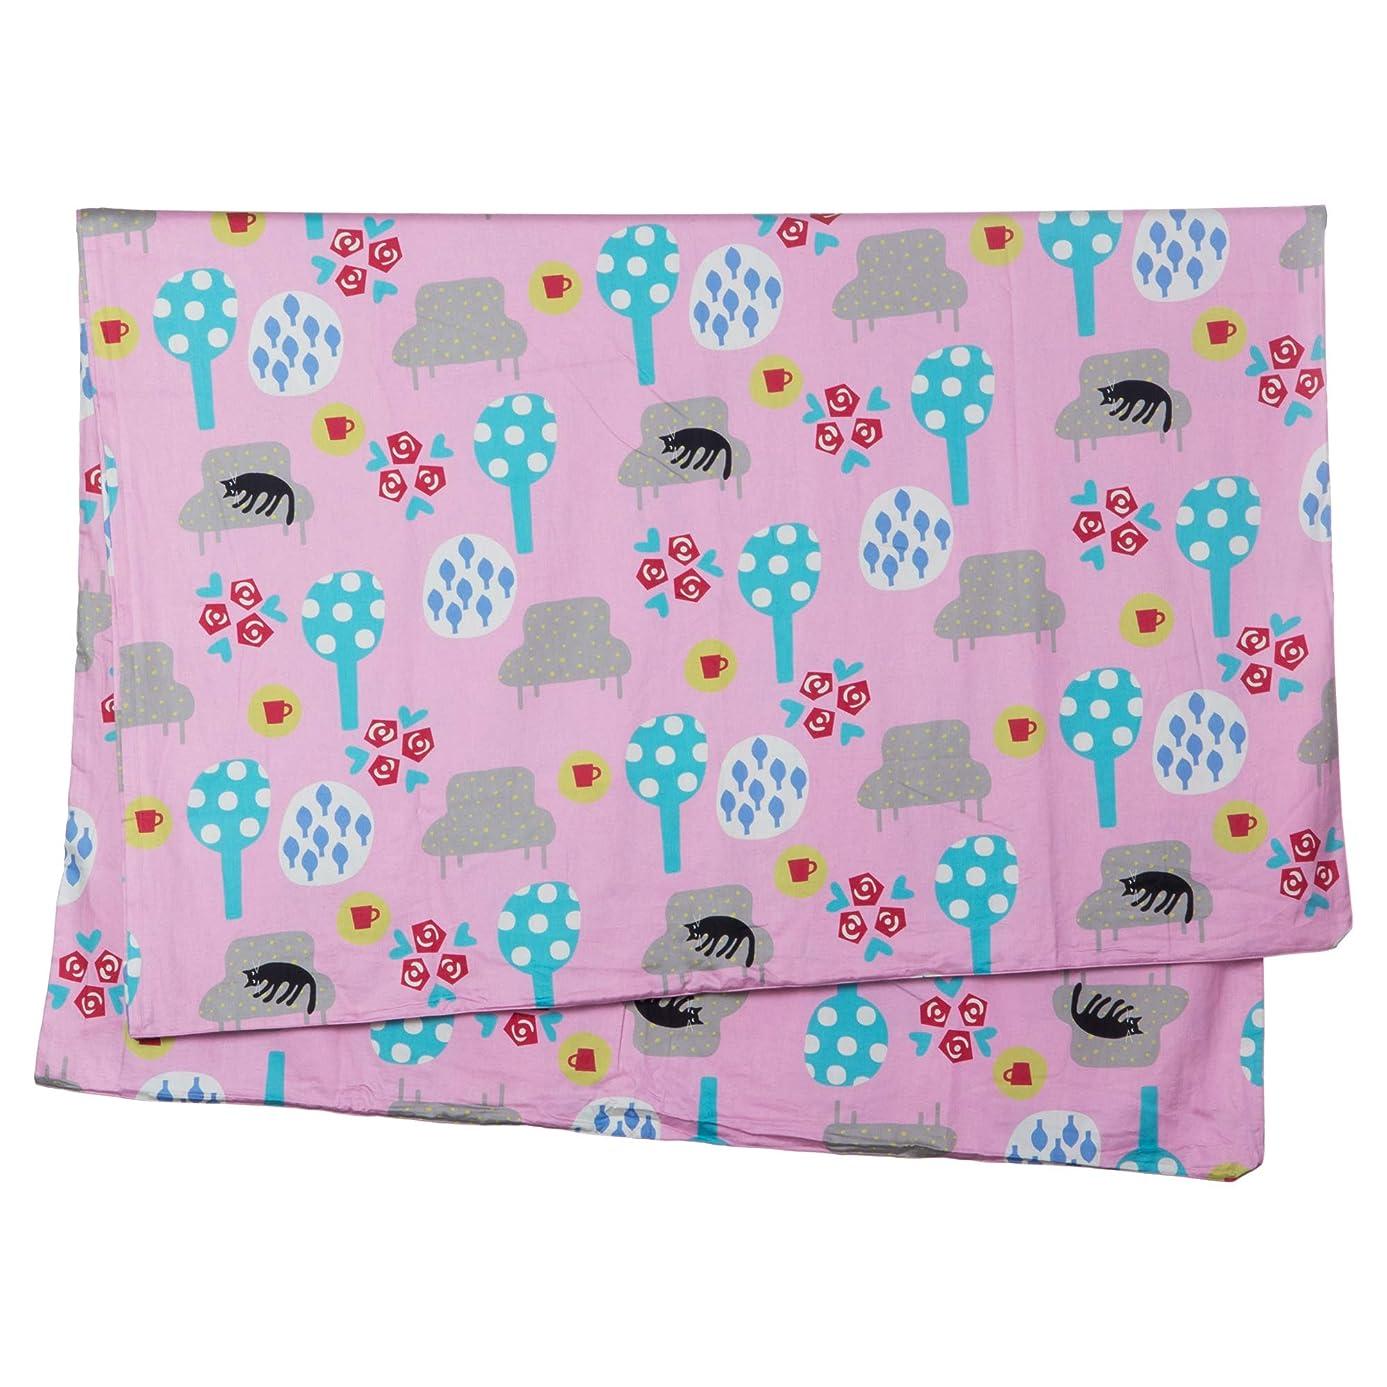 類似性ふつうラビリンス西川(Nishikawa) 掛け布団カバー ピンク シングル マタノアツコ 夢見る猫 綿100% 日本製 着脱簡単 PI09700633P